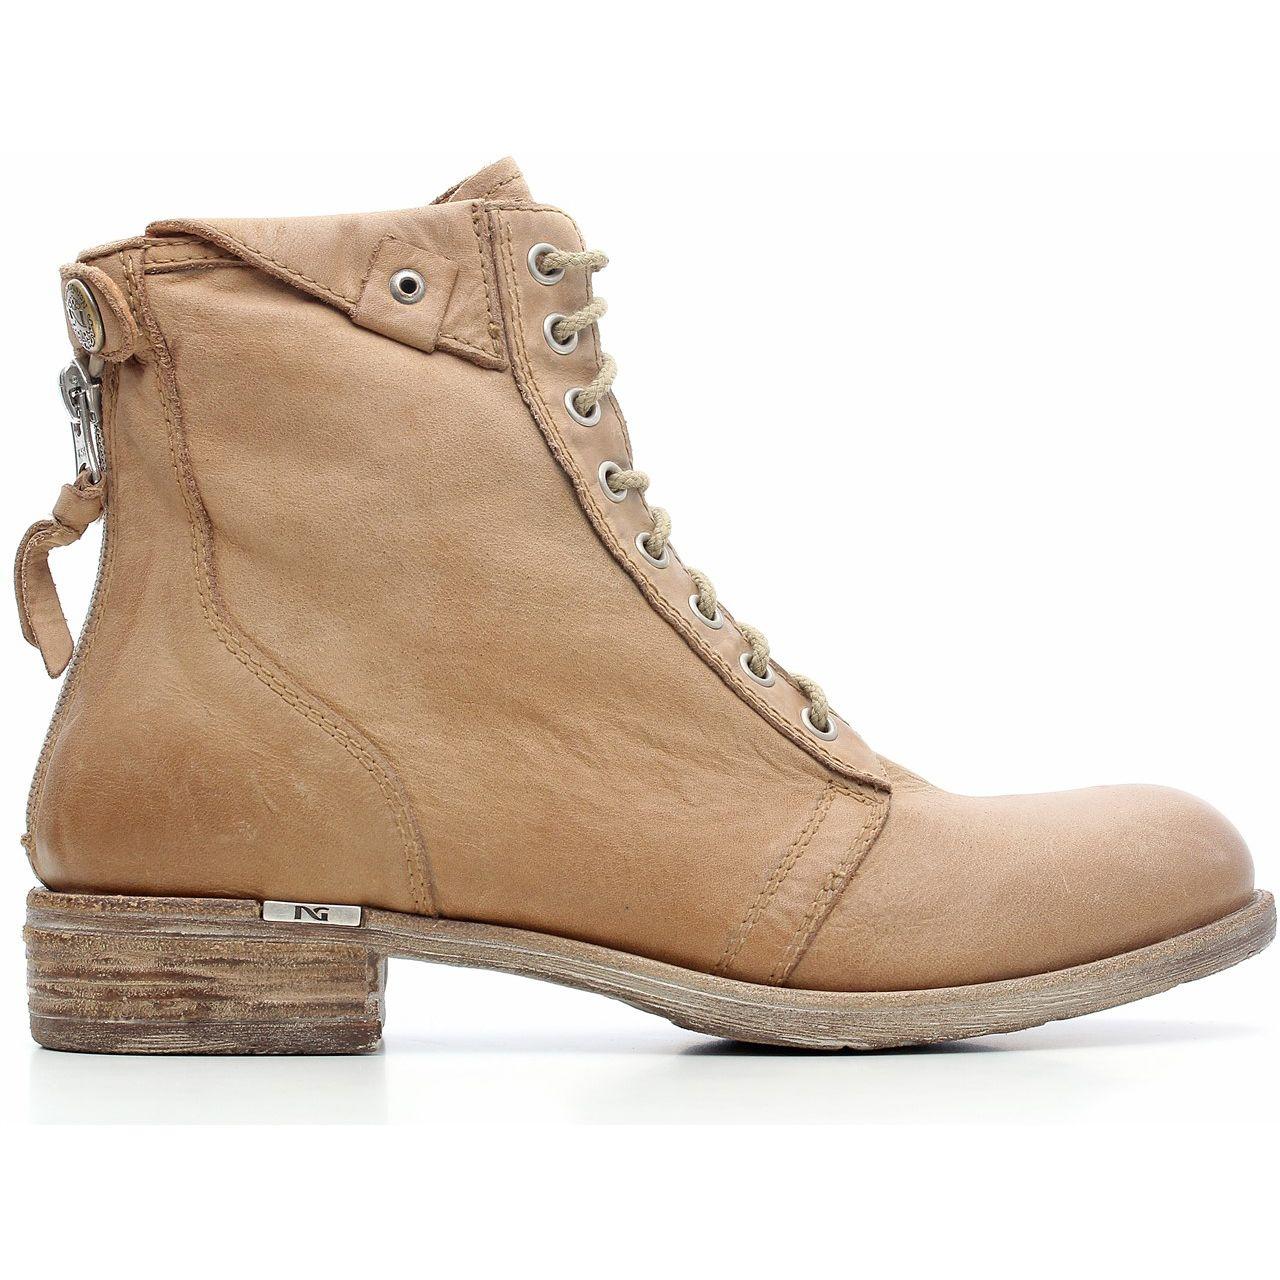 897d719b3caa02 Art. P615212D Timberland Boots, Combat Boots, Timberland Boots Outfit,  Combat Boot